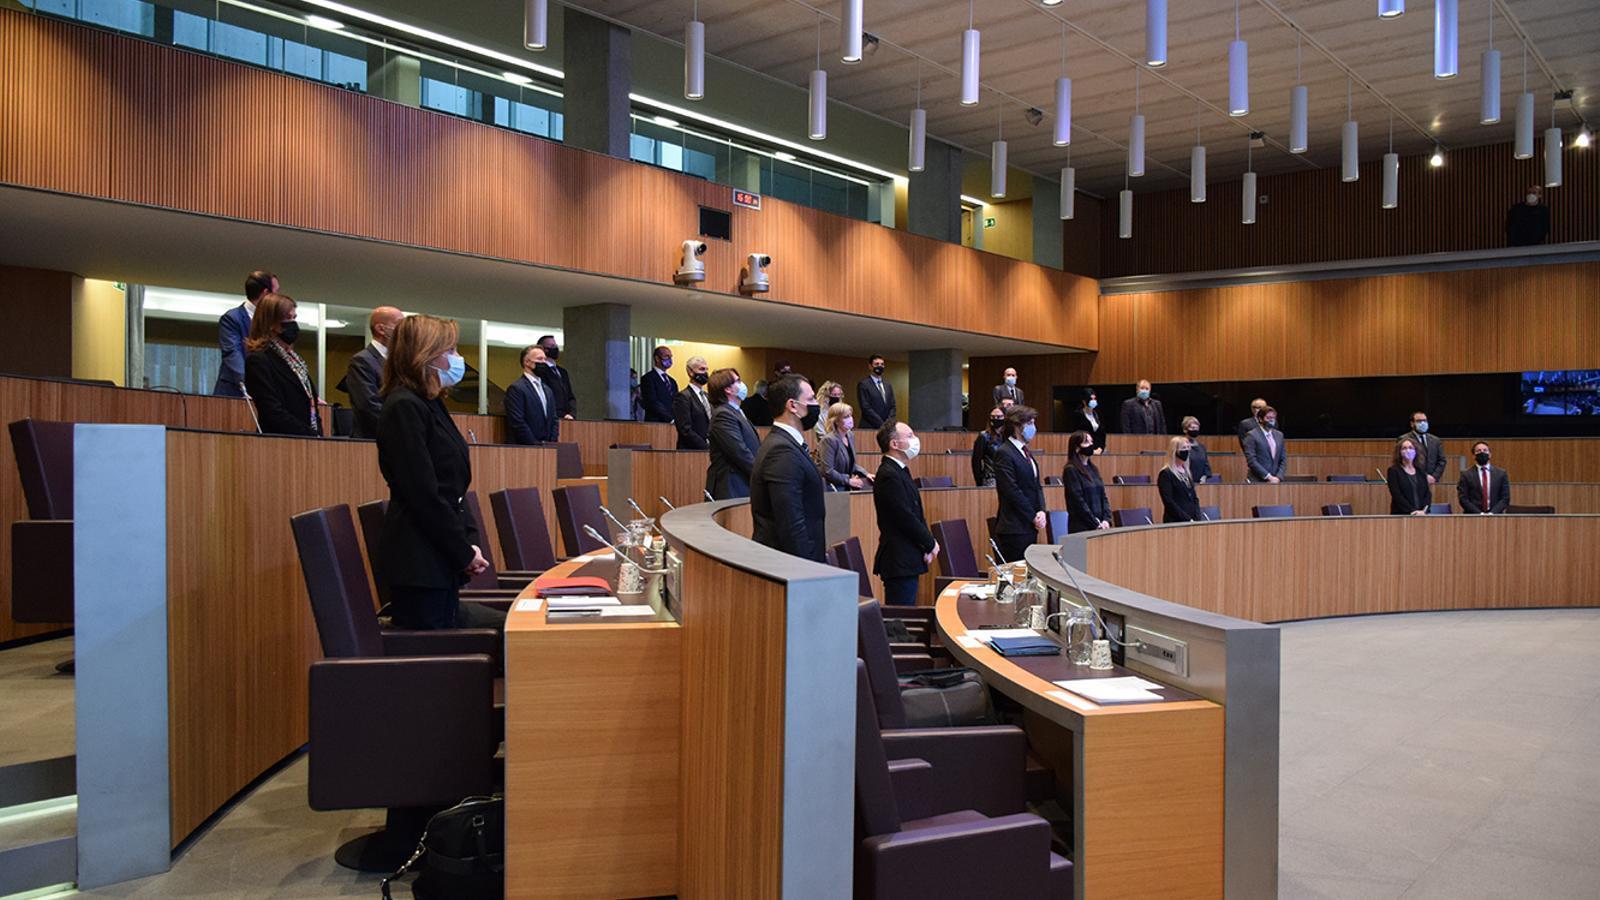 El minut de silenci que s'ha fet al consell en memòria de Valéry Giscard d'Estaing. / M.F.